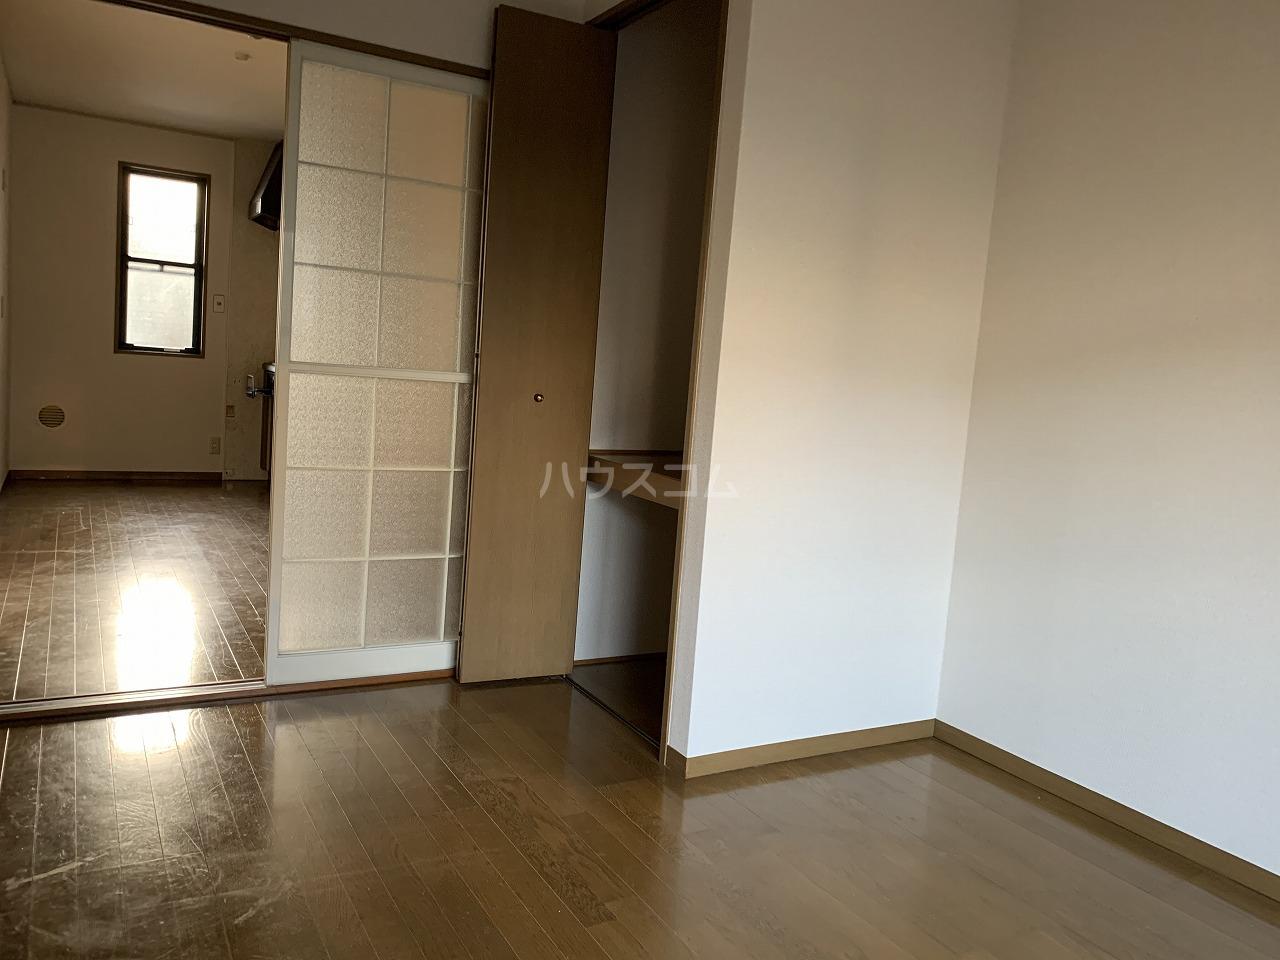 メゾンベール 101号室のリビング